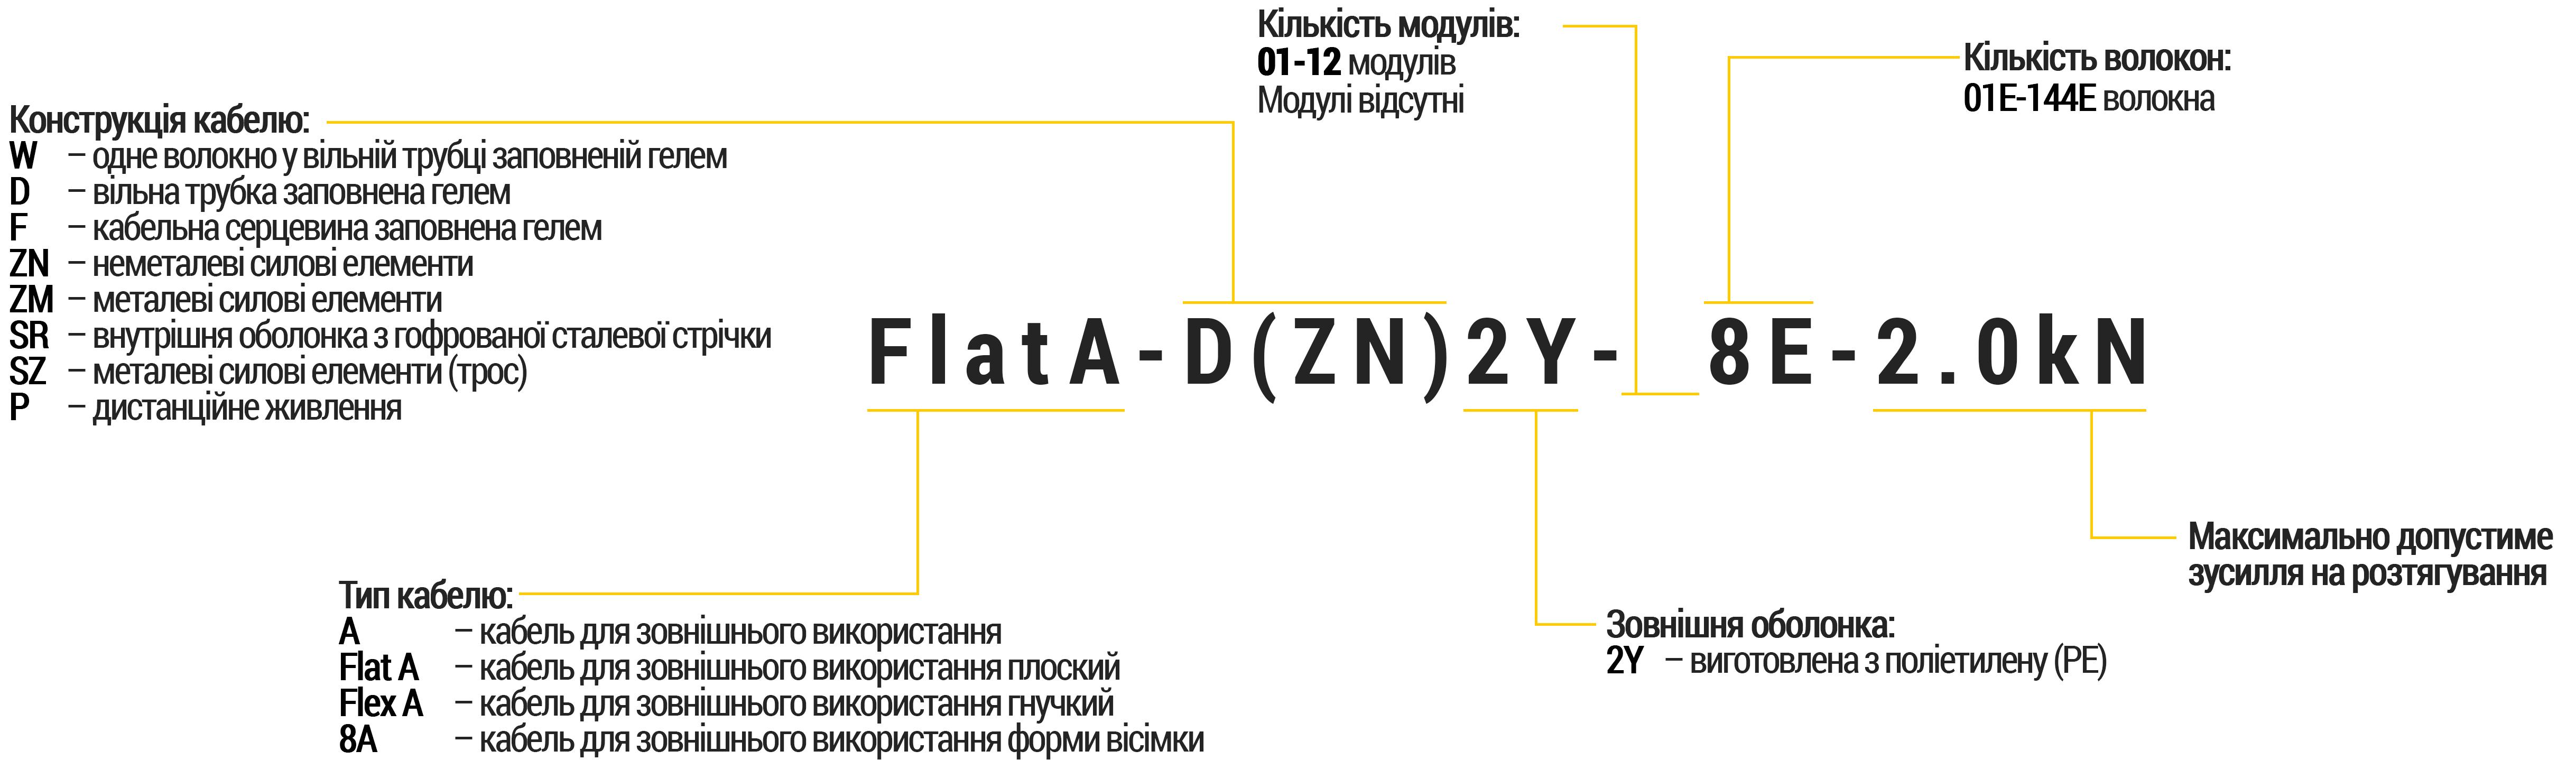 Кодування маркування типів оптичних кабелів зв'язку виробництва компанії ЮТЕКС Україна для поставки на зовнішній ринок